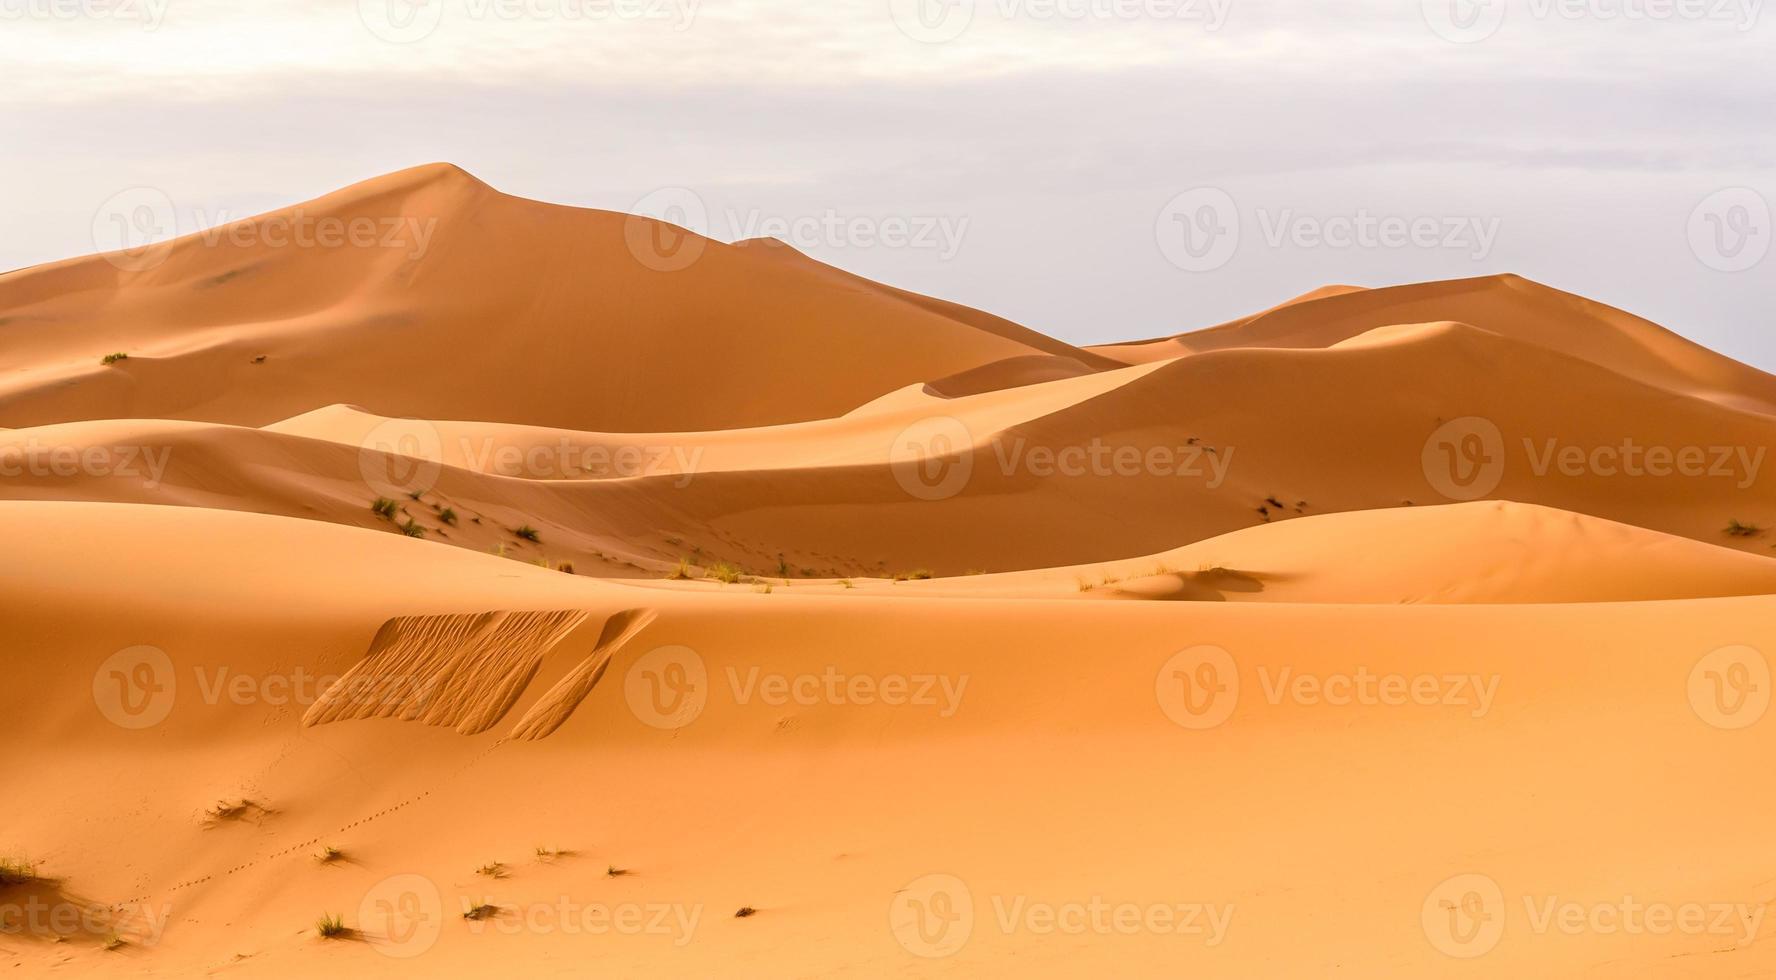 Erg chebbi dunes de sable dans le désert marocain photo